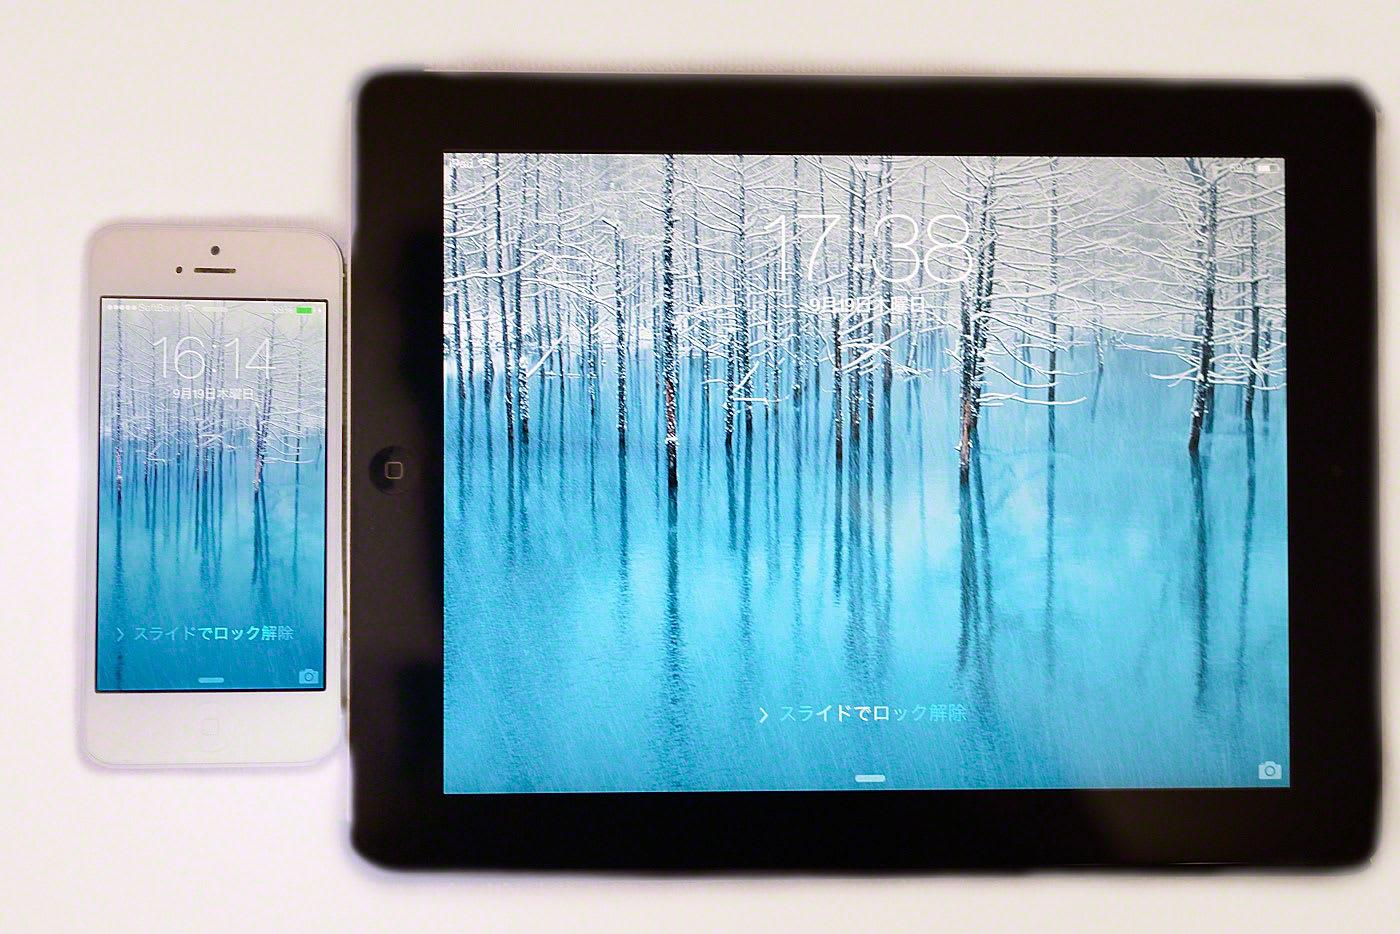 美瑛町の青い池】が 世界のアップル社でWallPaperになる! - Kent Shiraishi Photo Blog